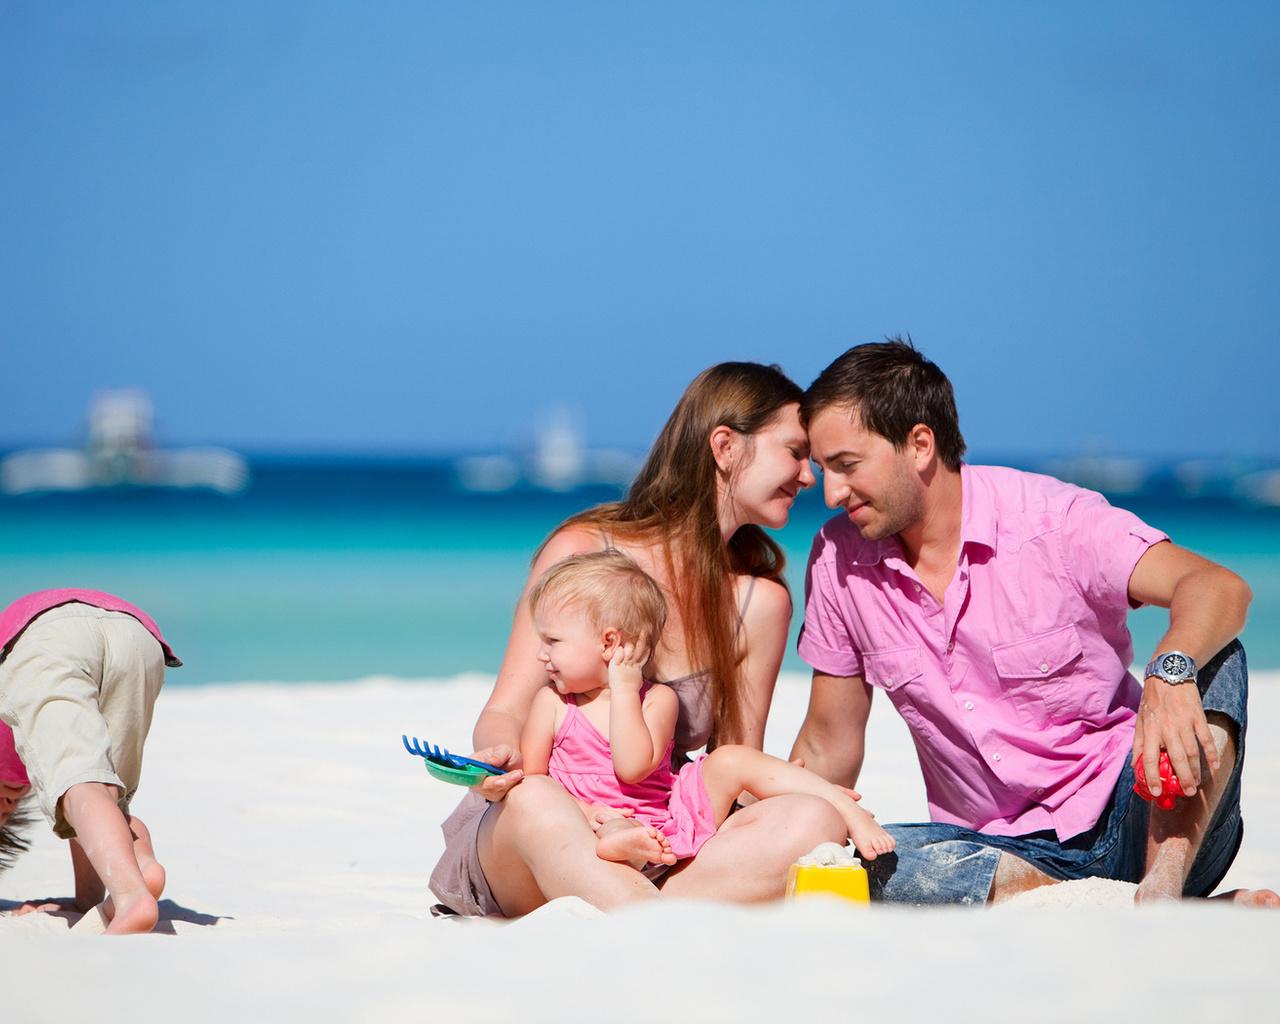 Днем, картинки семья с детьми на море